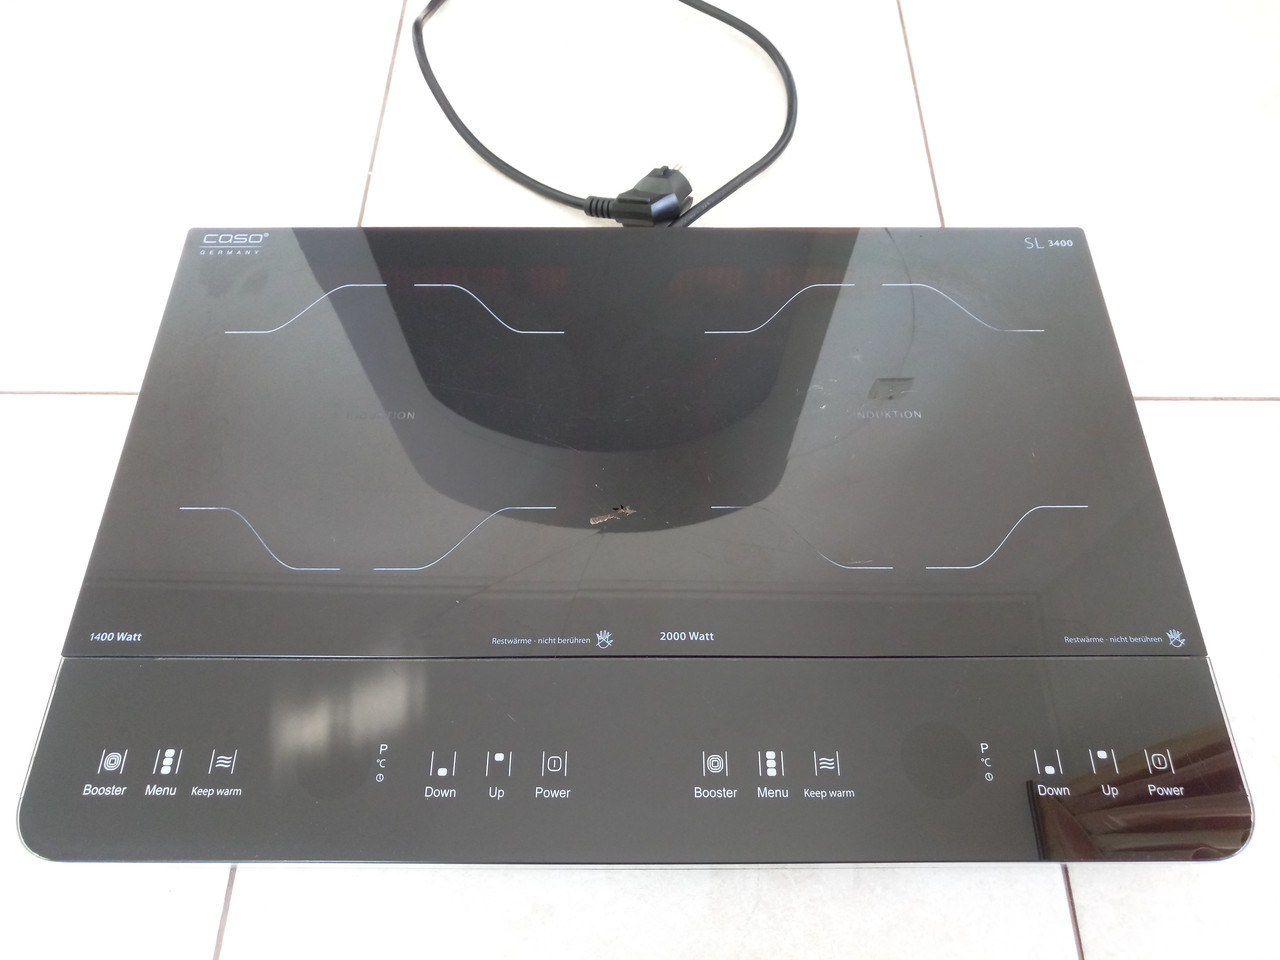 Двойная индукционная плита CASO SLIMLINE 3400